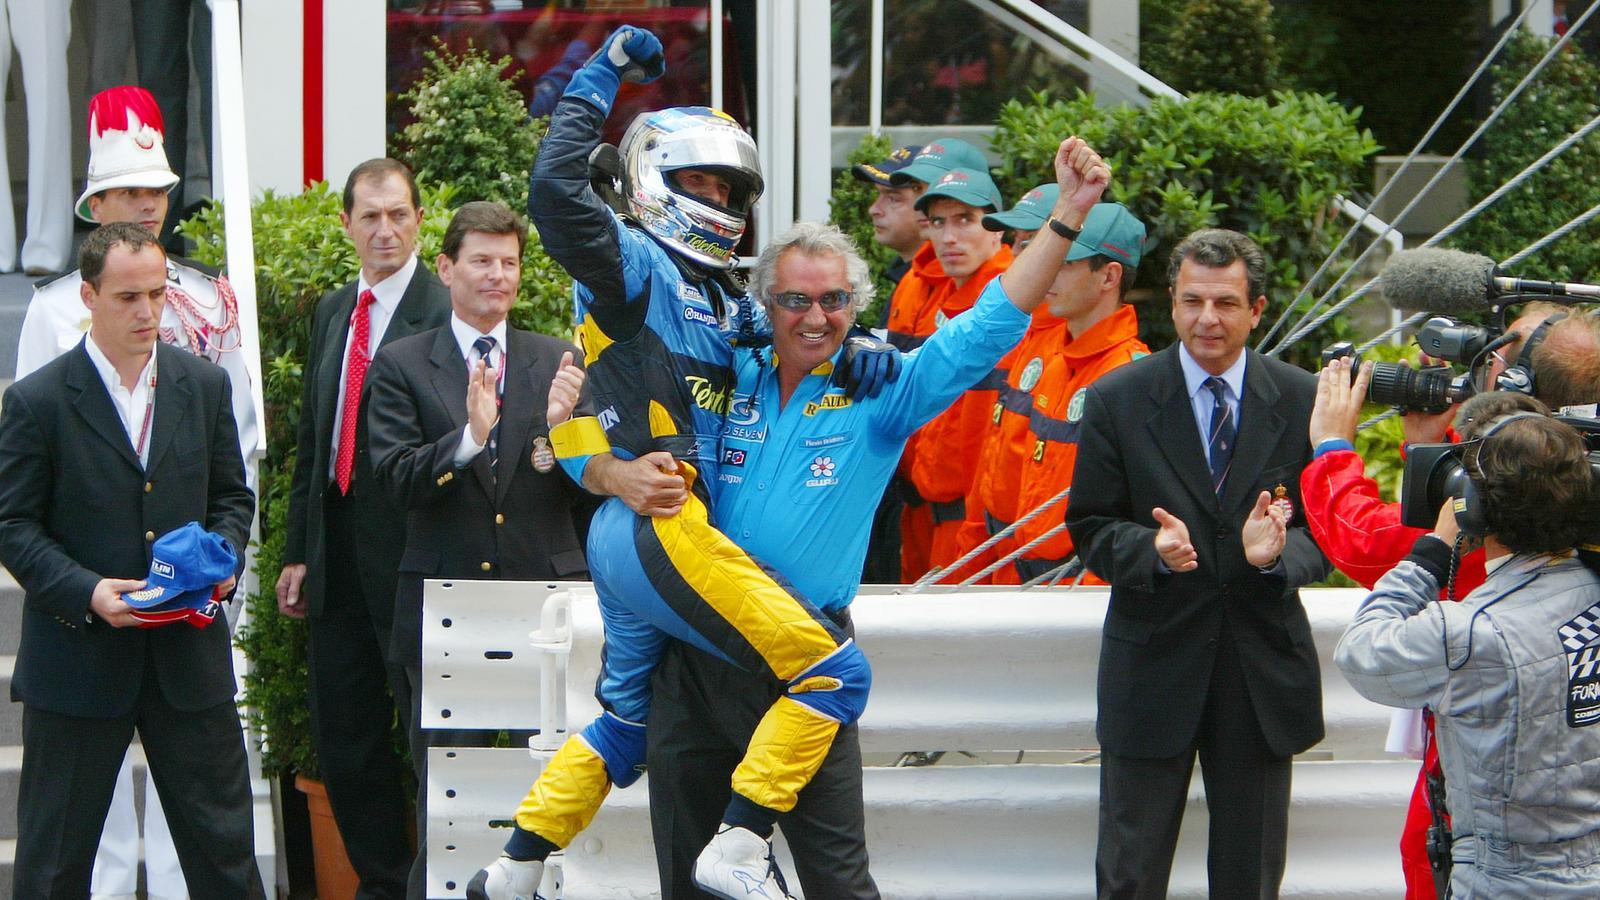 Jarno Trulli u društvu šefa momčadi Flavija Briatorea slavi svoju prvu i jedinu pobjedu u F1 karijeri (23.5.2004.) Foto: Eurosport